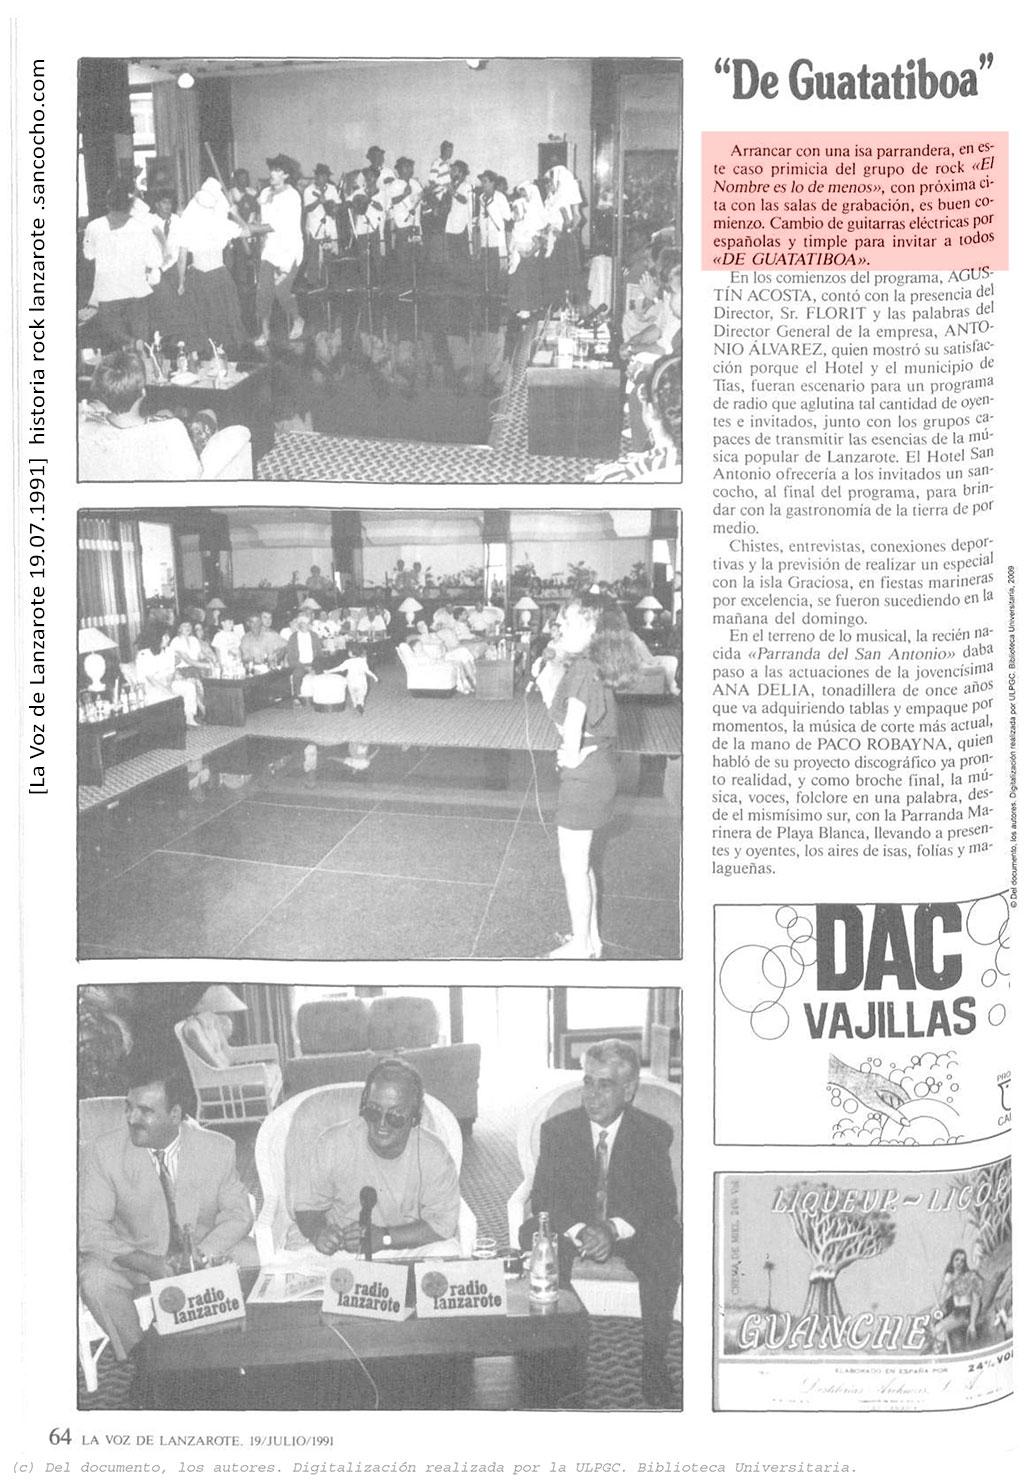 La-Voz-de-Lanzarote-19071991